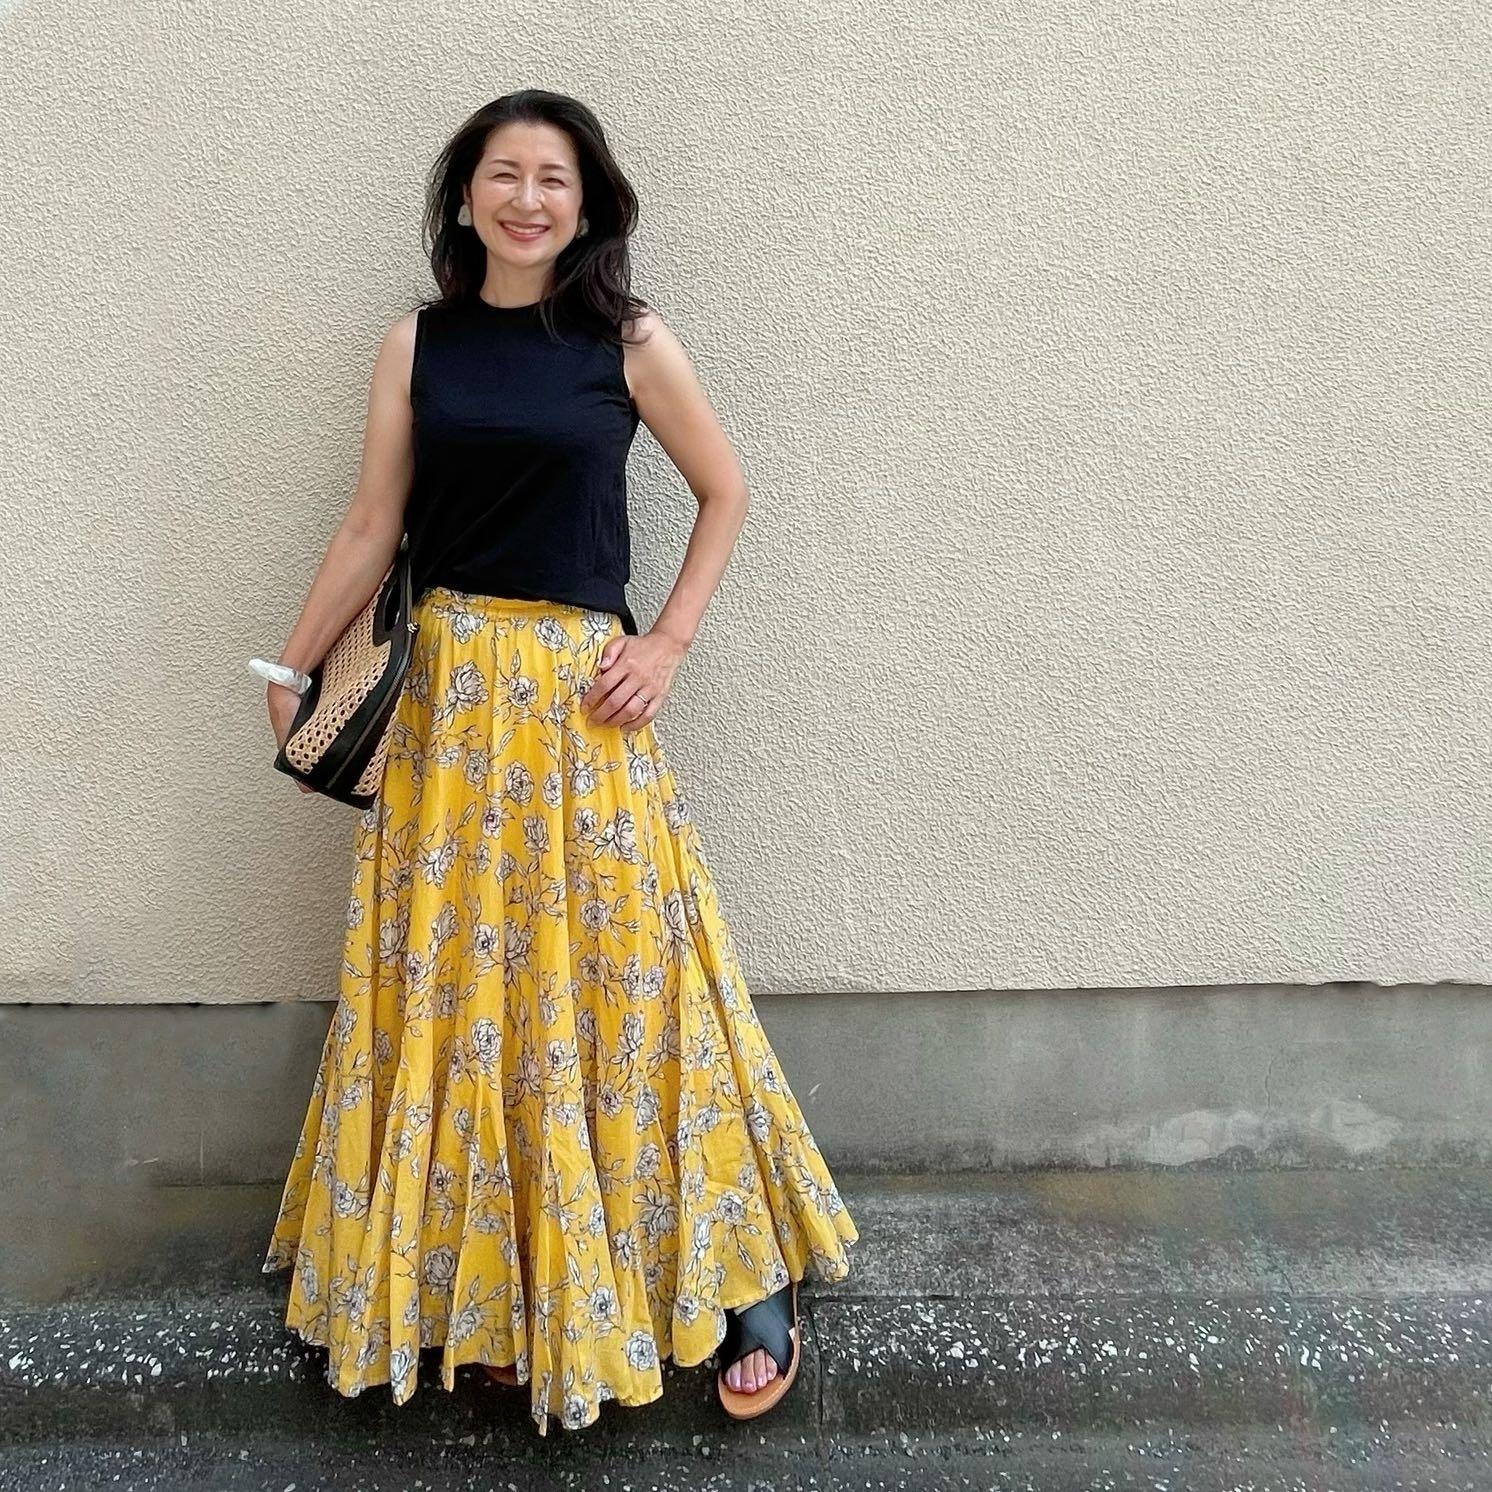 黒ノースリーブTシャツ、イエローの花柄スカート、黒フラットサンダル、黒のレザーとラフィアのバッグ